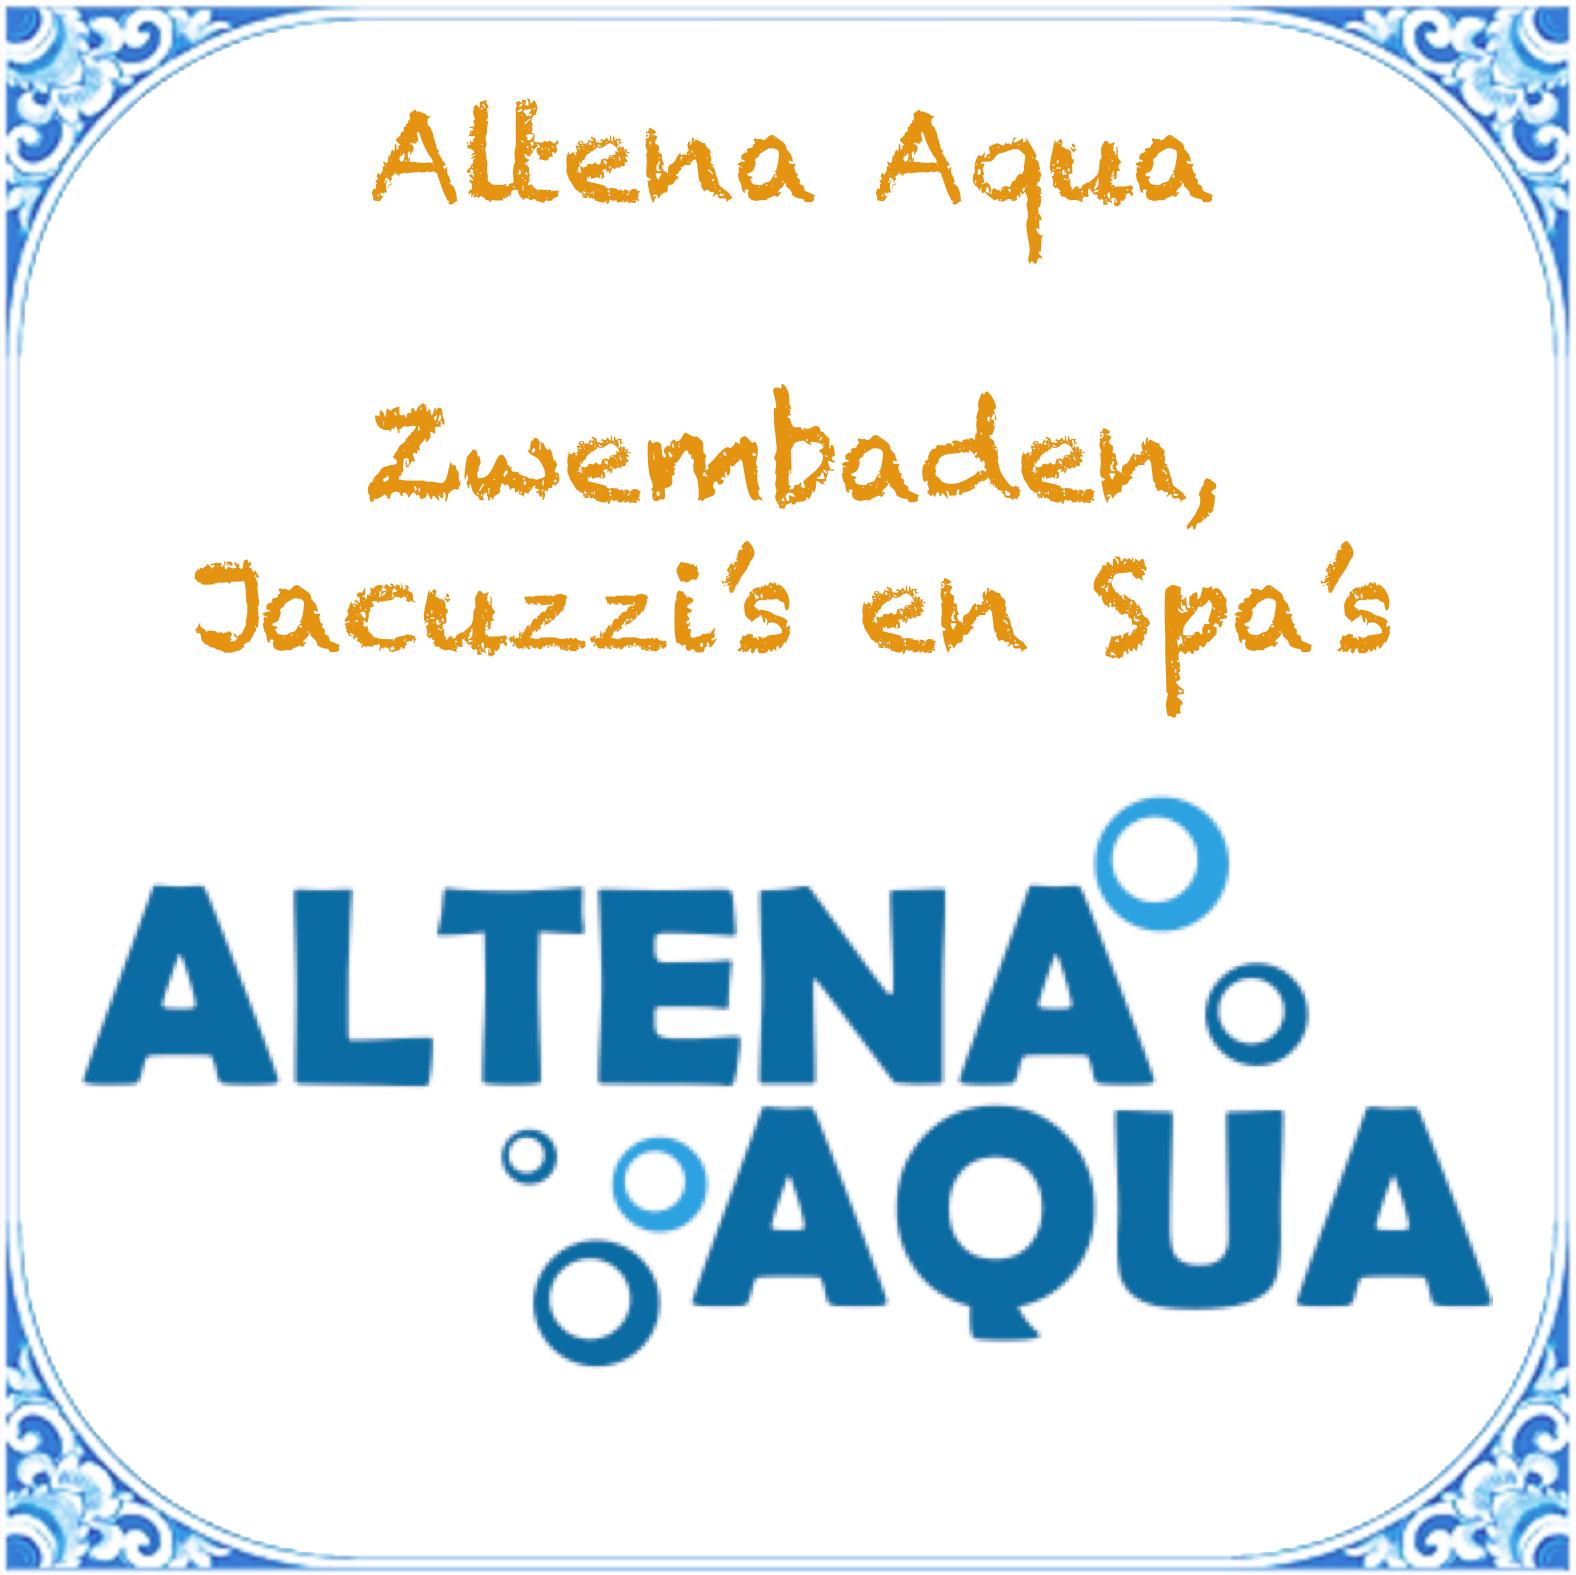 Altena-aqua